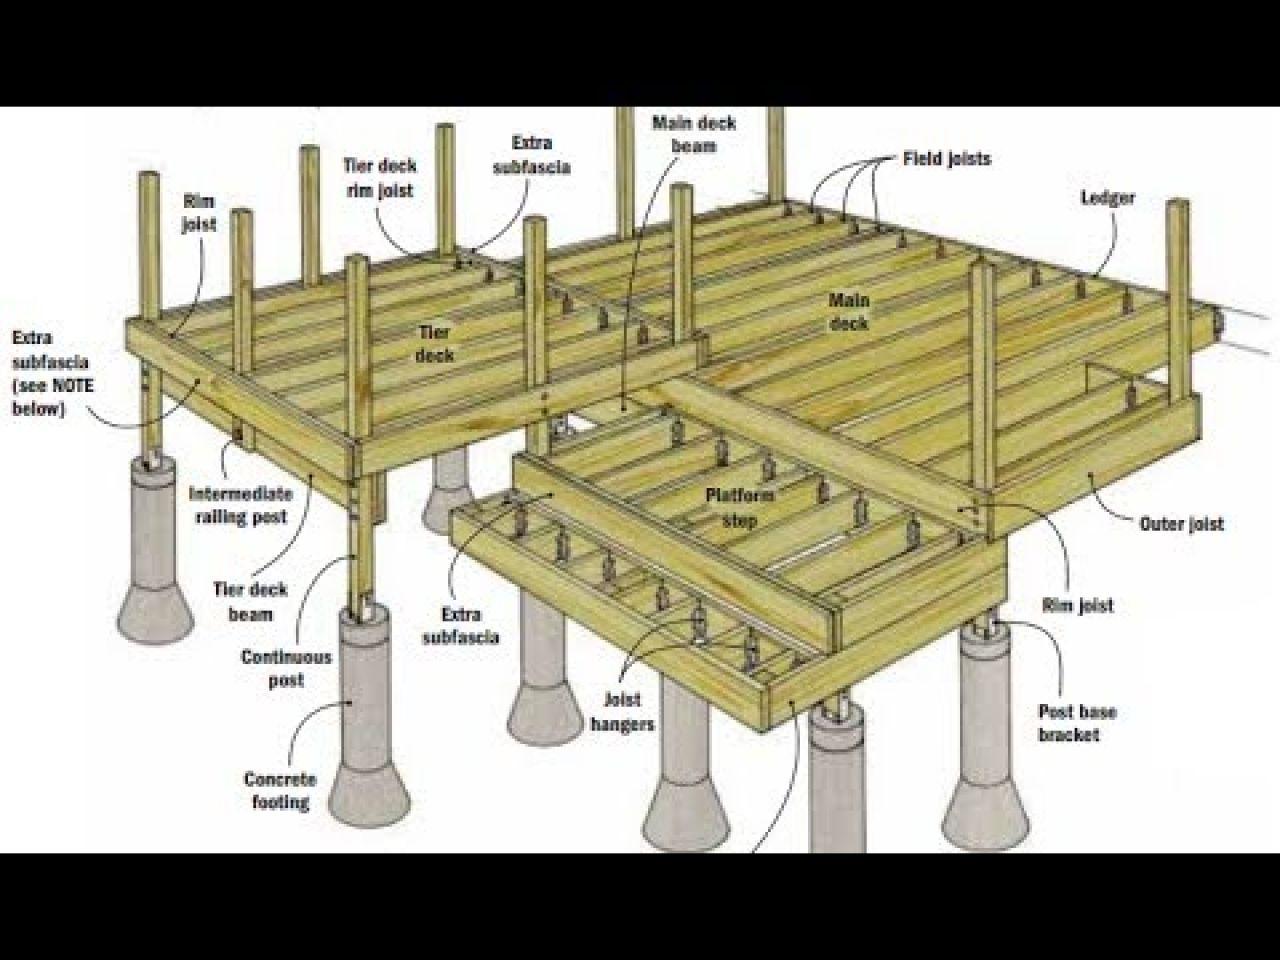 Deck Design Diagram Electrical Wiring Diagrams Trex Pool Decking Database U2022 Drawing